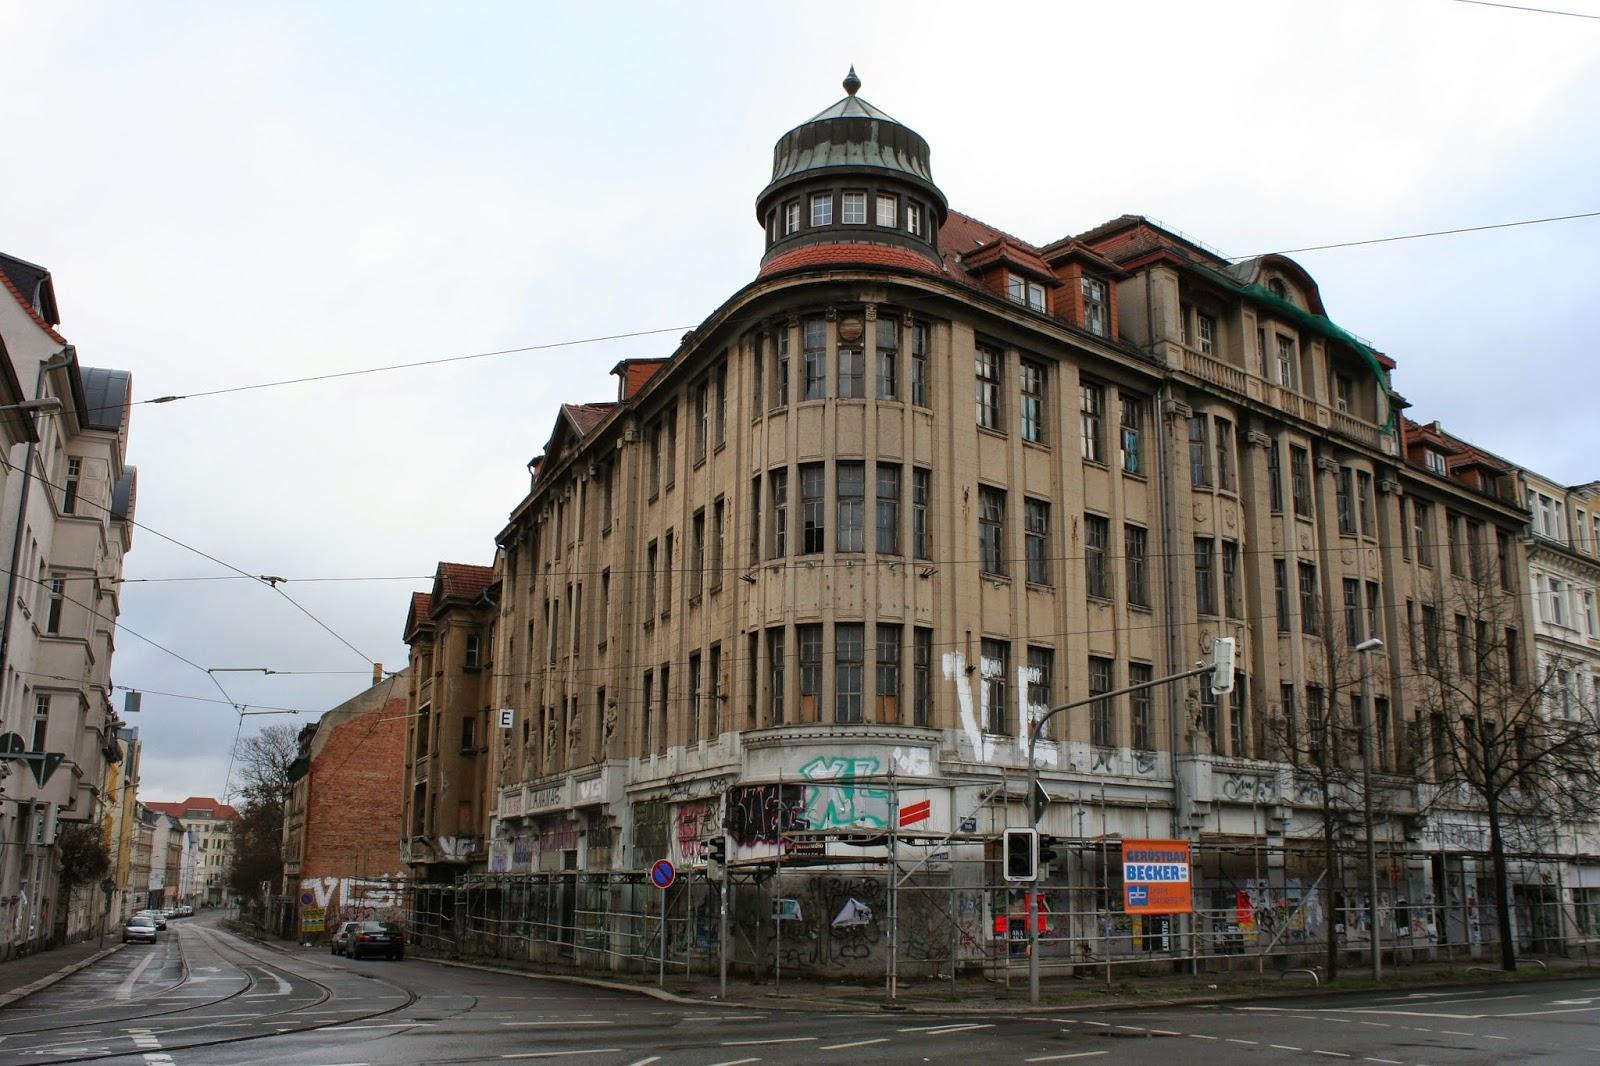 """Das """"Kaufhaus Held"""" in der Merseburger Straße Nummer 84 im Stadtteil Lindenau wurde von 1912 bis 1913 durch die jüdischen Brüder Albert und Moritz Held erbaut -  1938 mussten diese es aufgrund der Arisierung verkaufen und emigrierten nach England"""